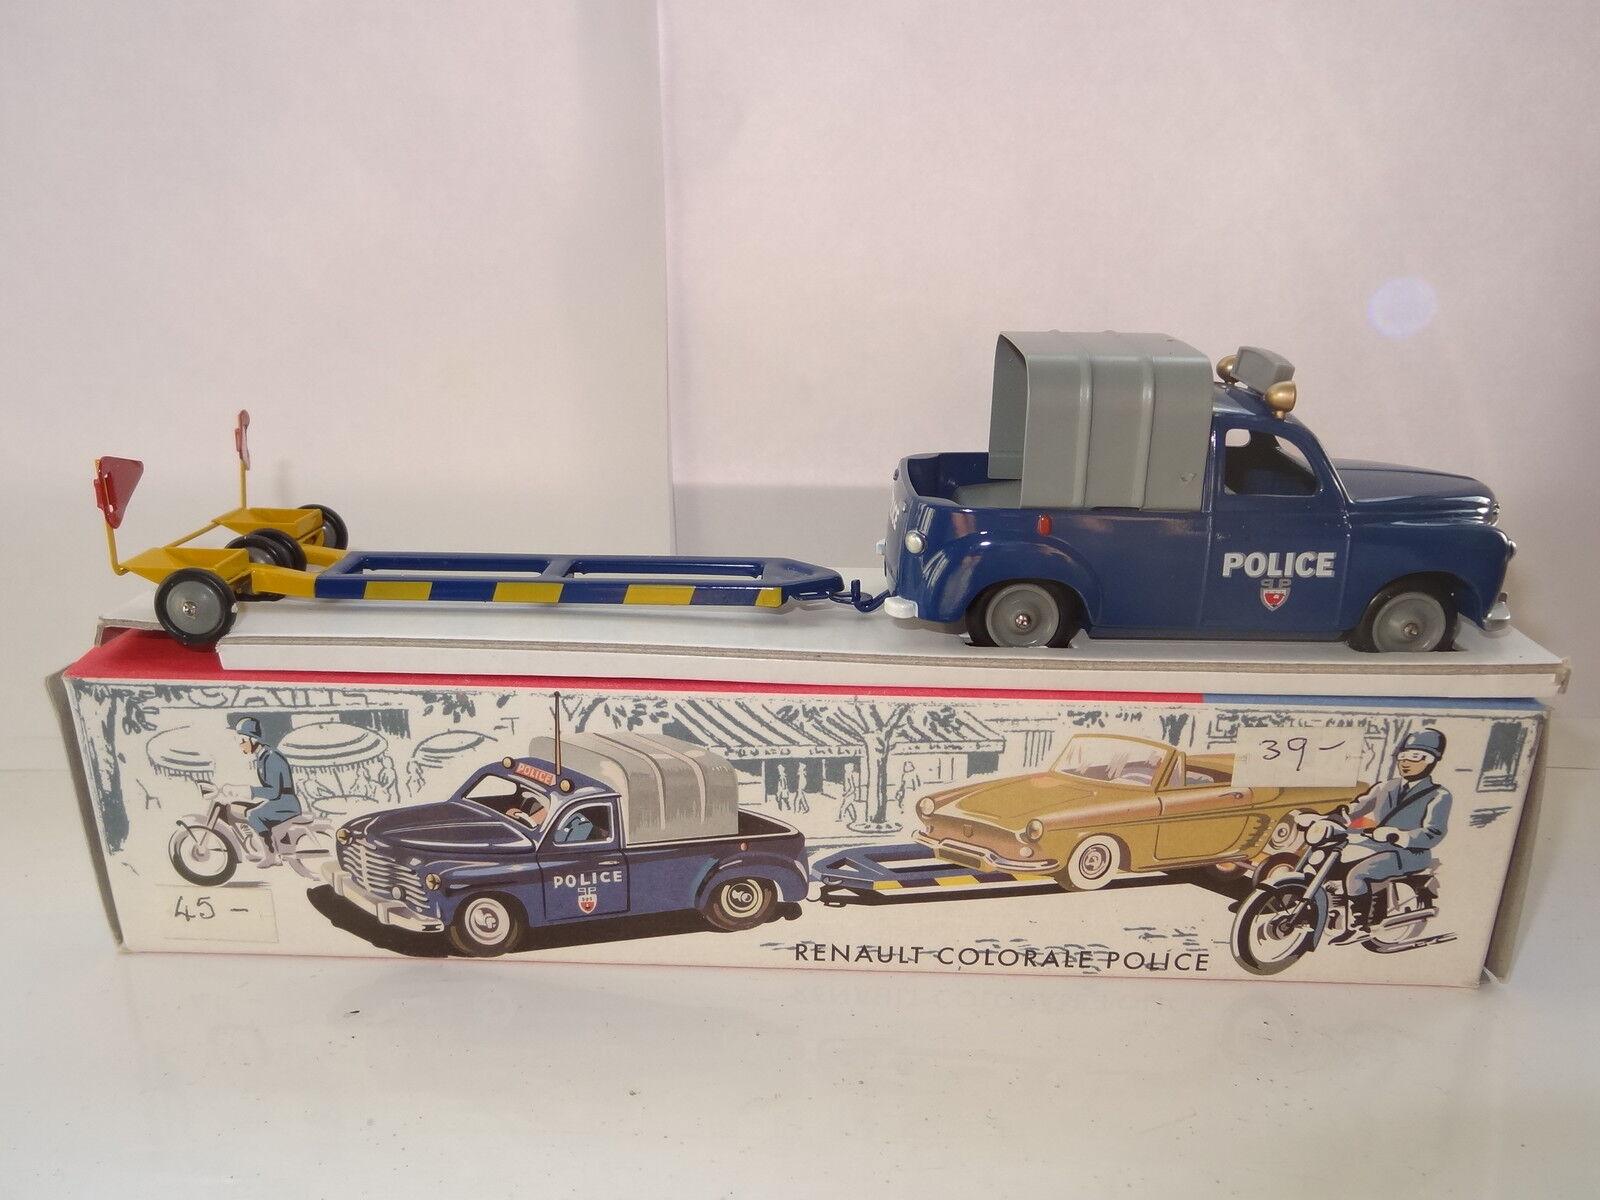 CIJ Europarc RENAULT ColorALE policía-como Nuevo En Caja 3 55 00